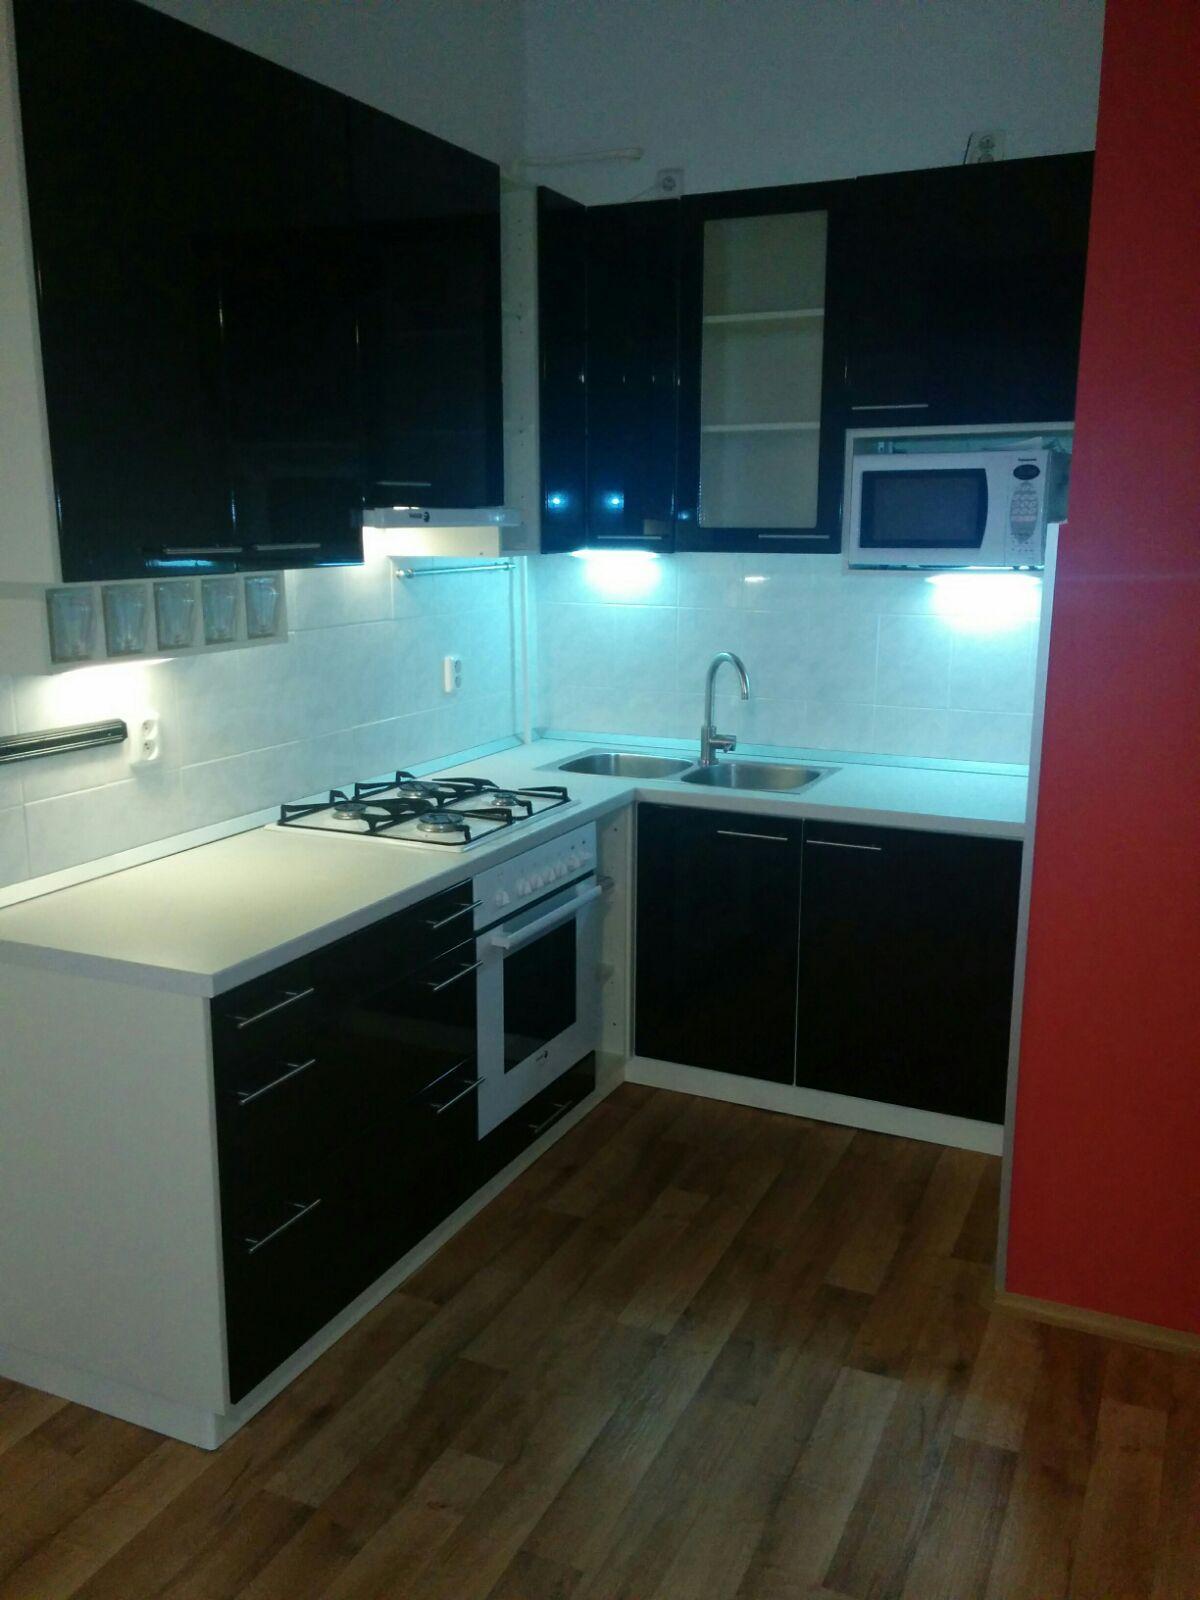 למכירה דירת 2 חדרים מתאימה להשקעה בשכונת זיזקוב פראג 3 -tt (2)